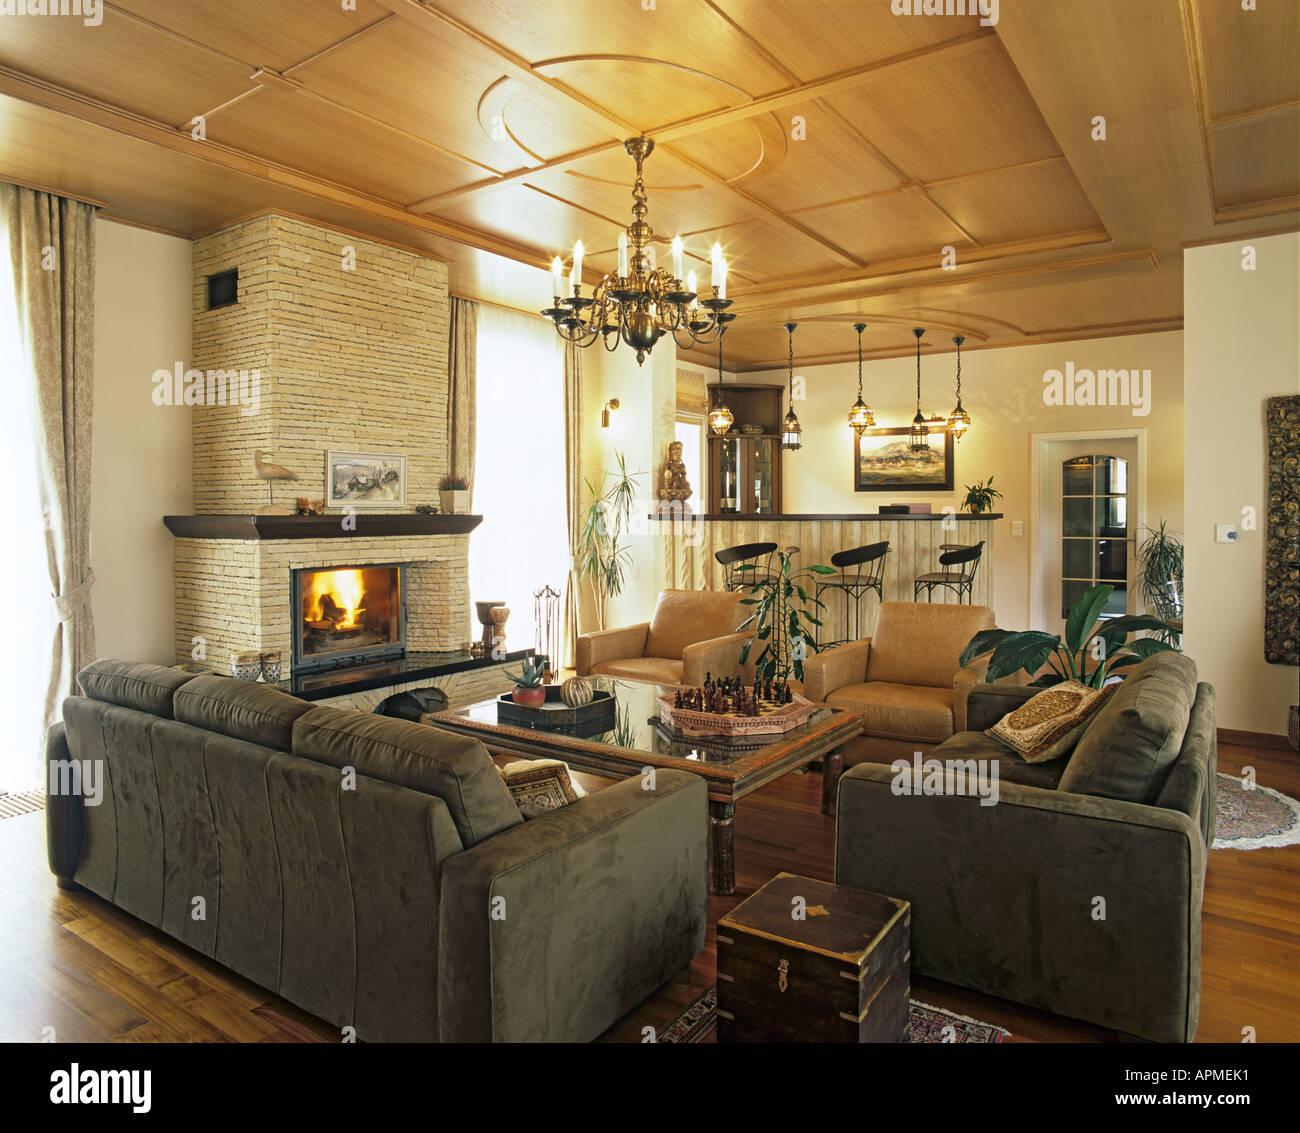 Wohnzimmer im Landhaus Stockfoto, Bild: 9041584 - Alamy